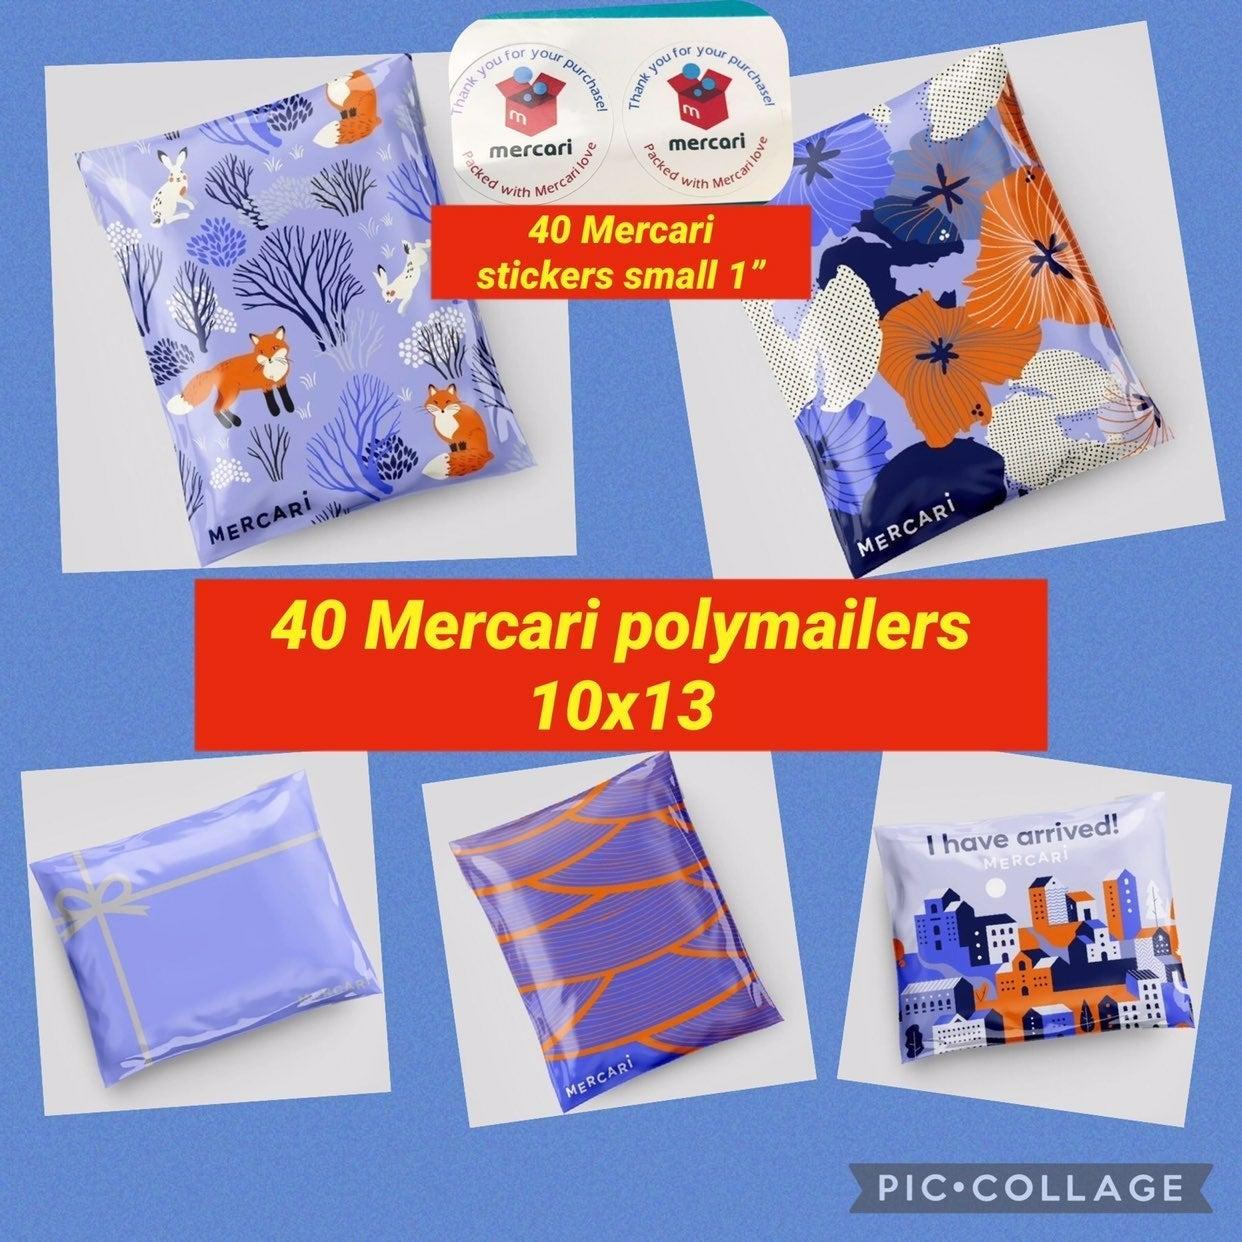 40 mixed mercari polymailers 10x13